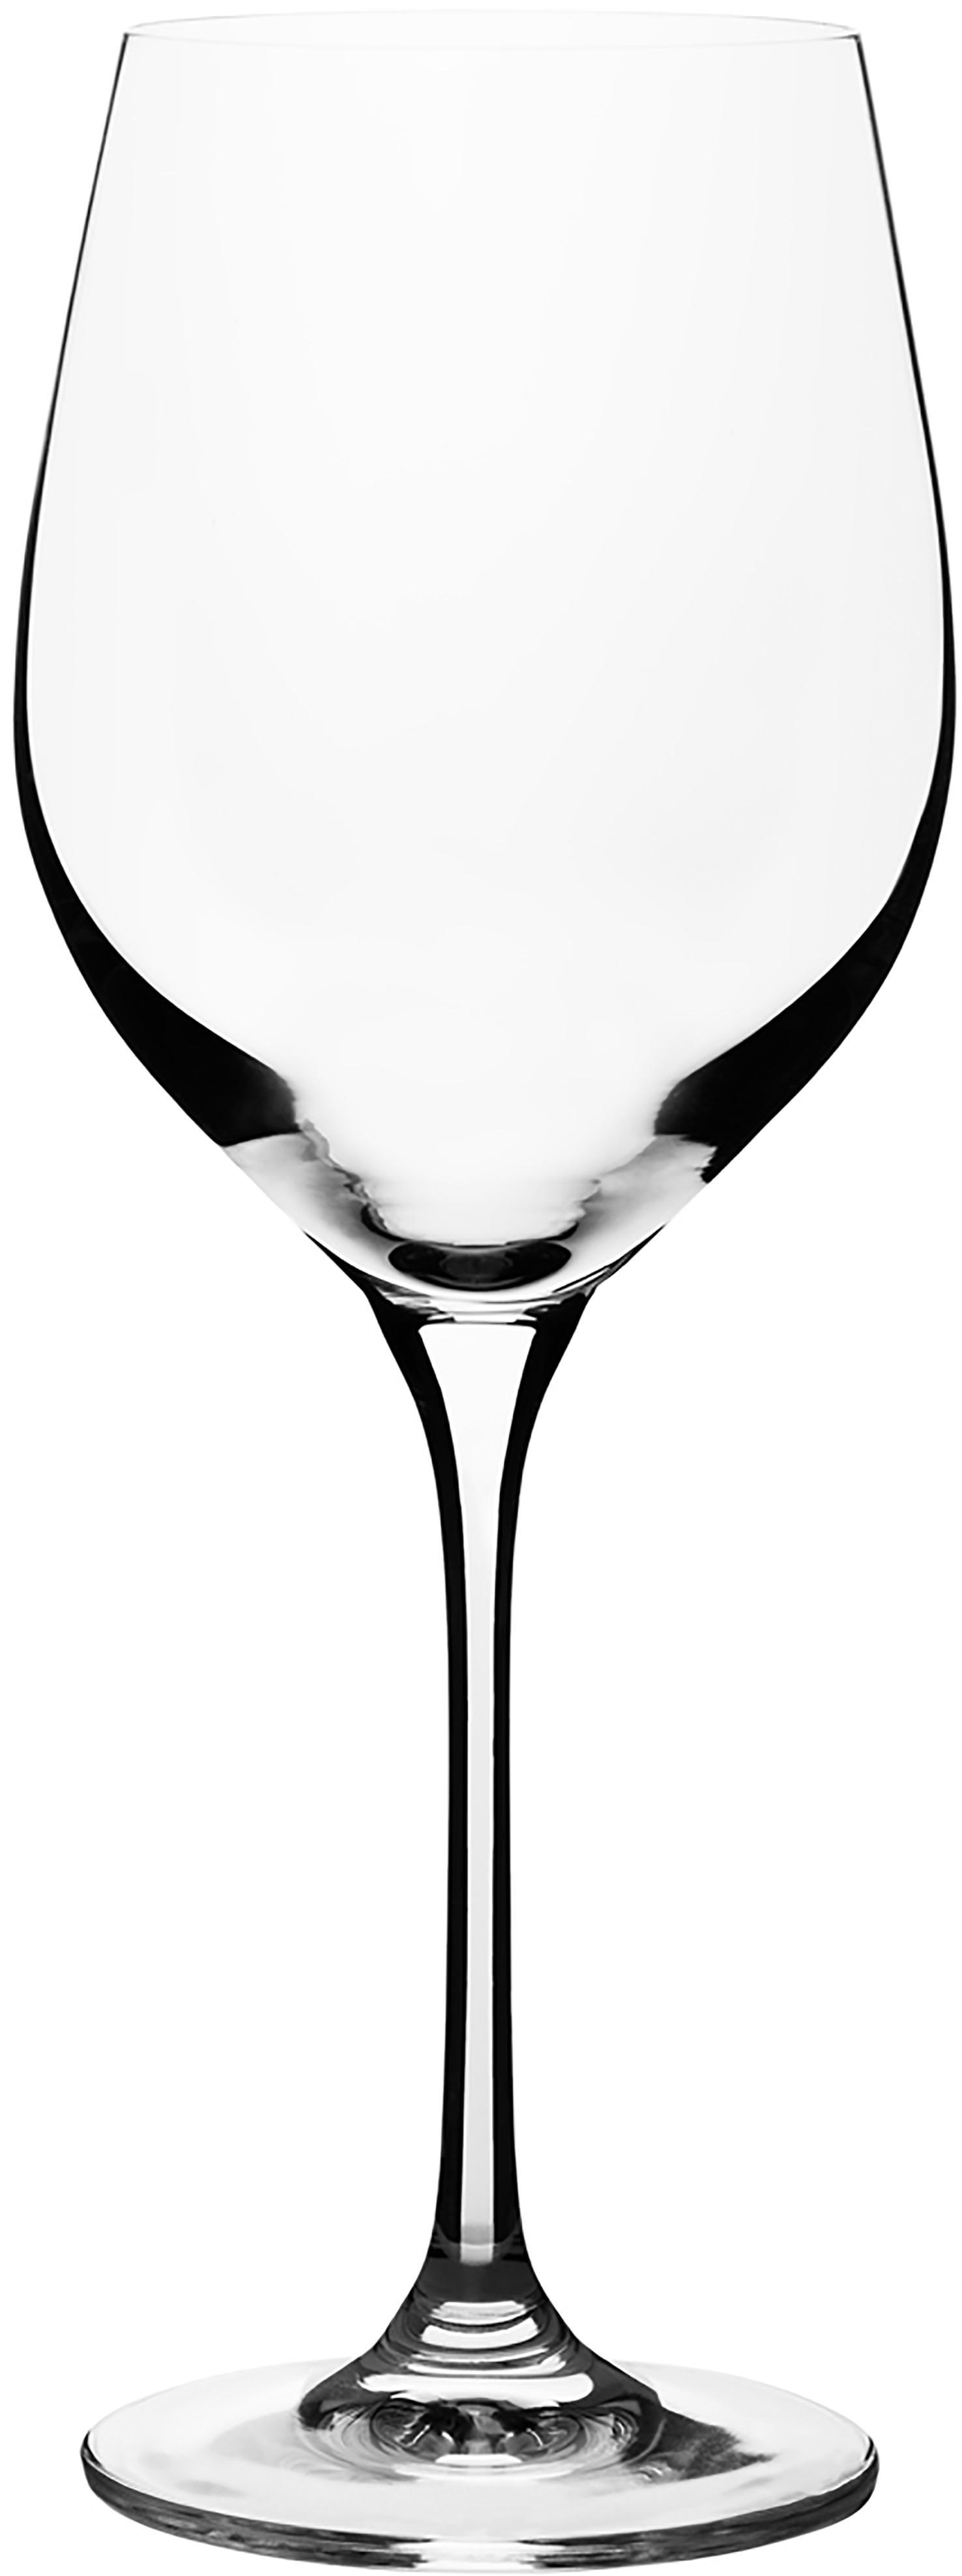 Weissweingläser Harmony aus glattem Kristallglas, 6er-Set, Edelster Glanz – das Kristallglas bricht einfallendes Licht besonders stark. So entsteht ein märchenhaftes Funkeln, das jede Weinverkostung zu einem ganz besonderen Erlebnis macht., Transparent, 390 ml